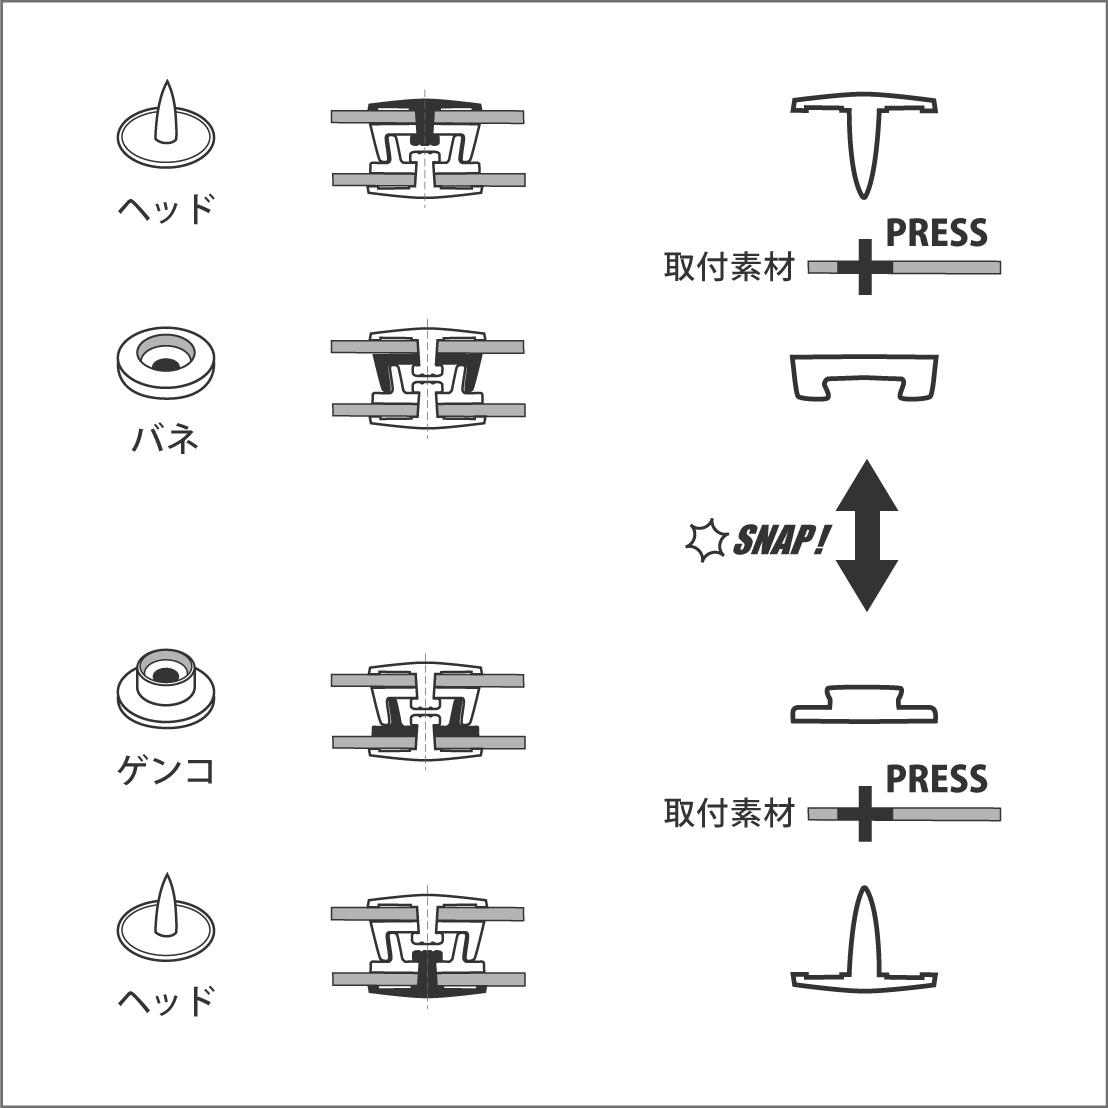 plastic snapの構造 |「プロ仕様」の手芸用品 - CHERRY LABEL